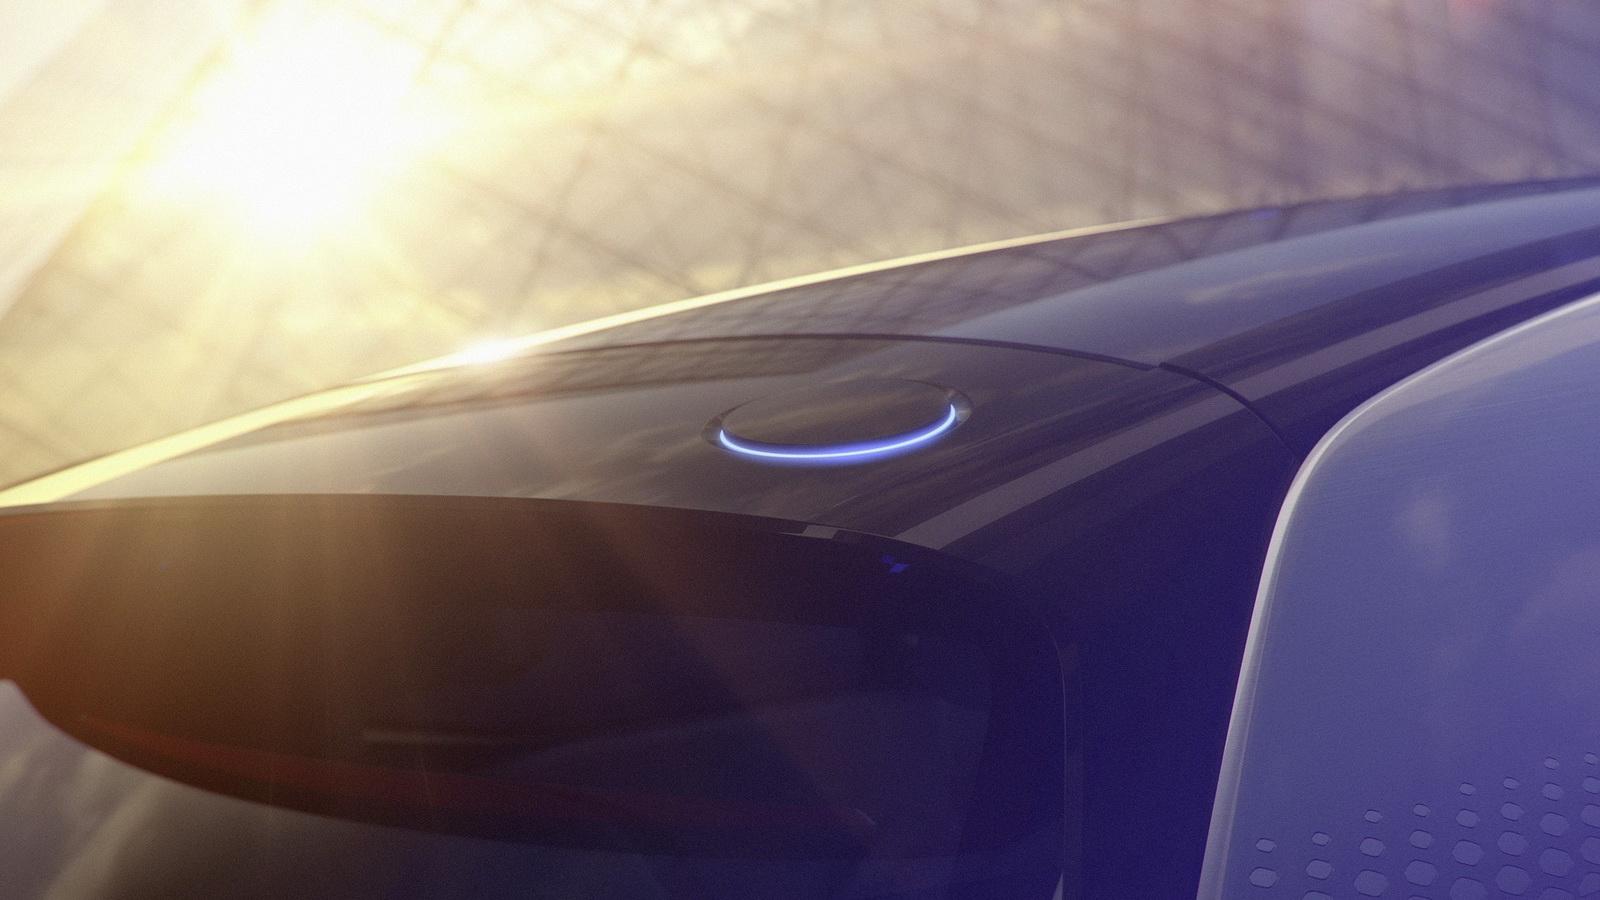 Volkswagen - nuova concept car elettrica al Salone di Parigi 2016 (foto teaser)